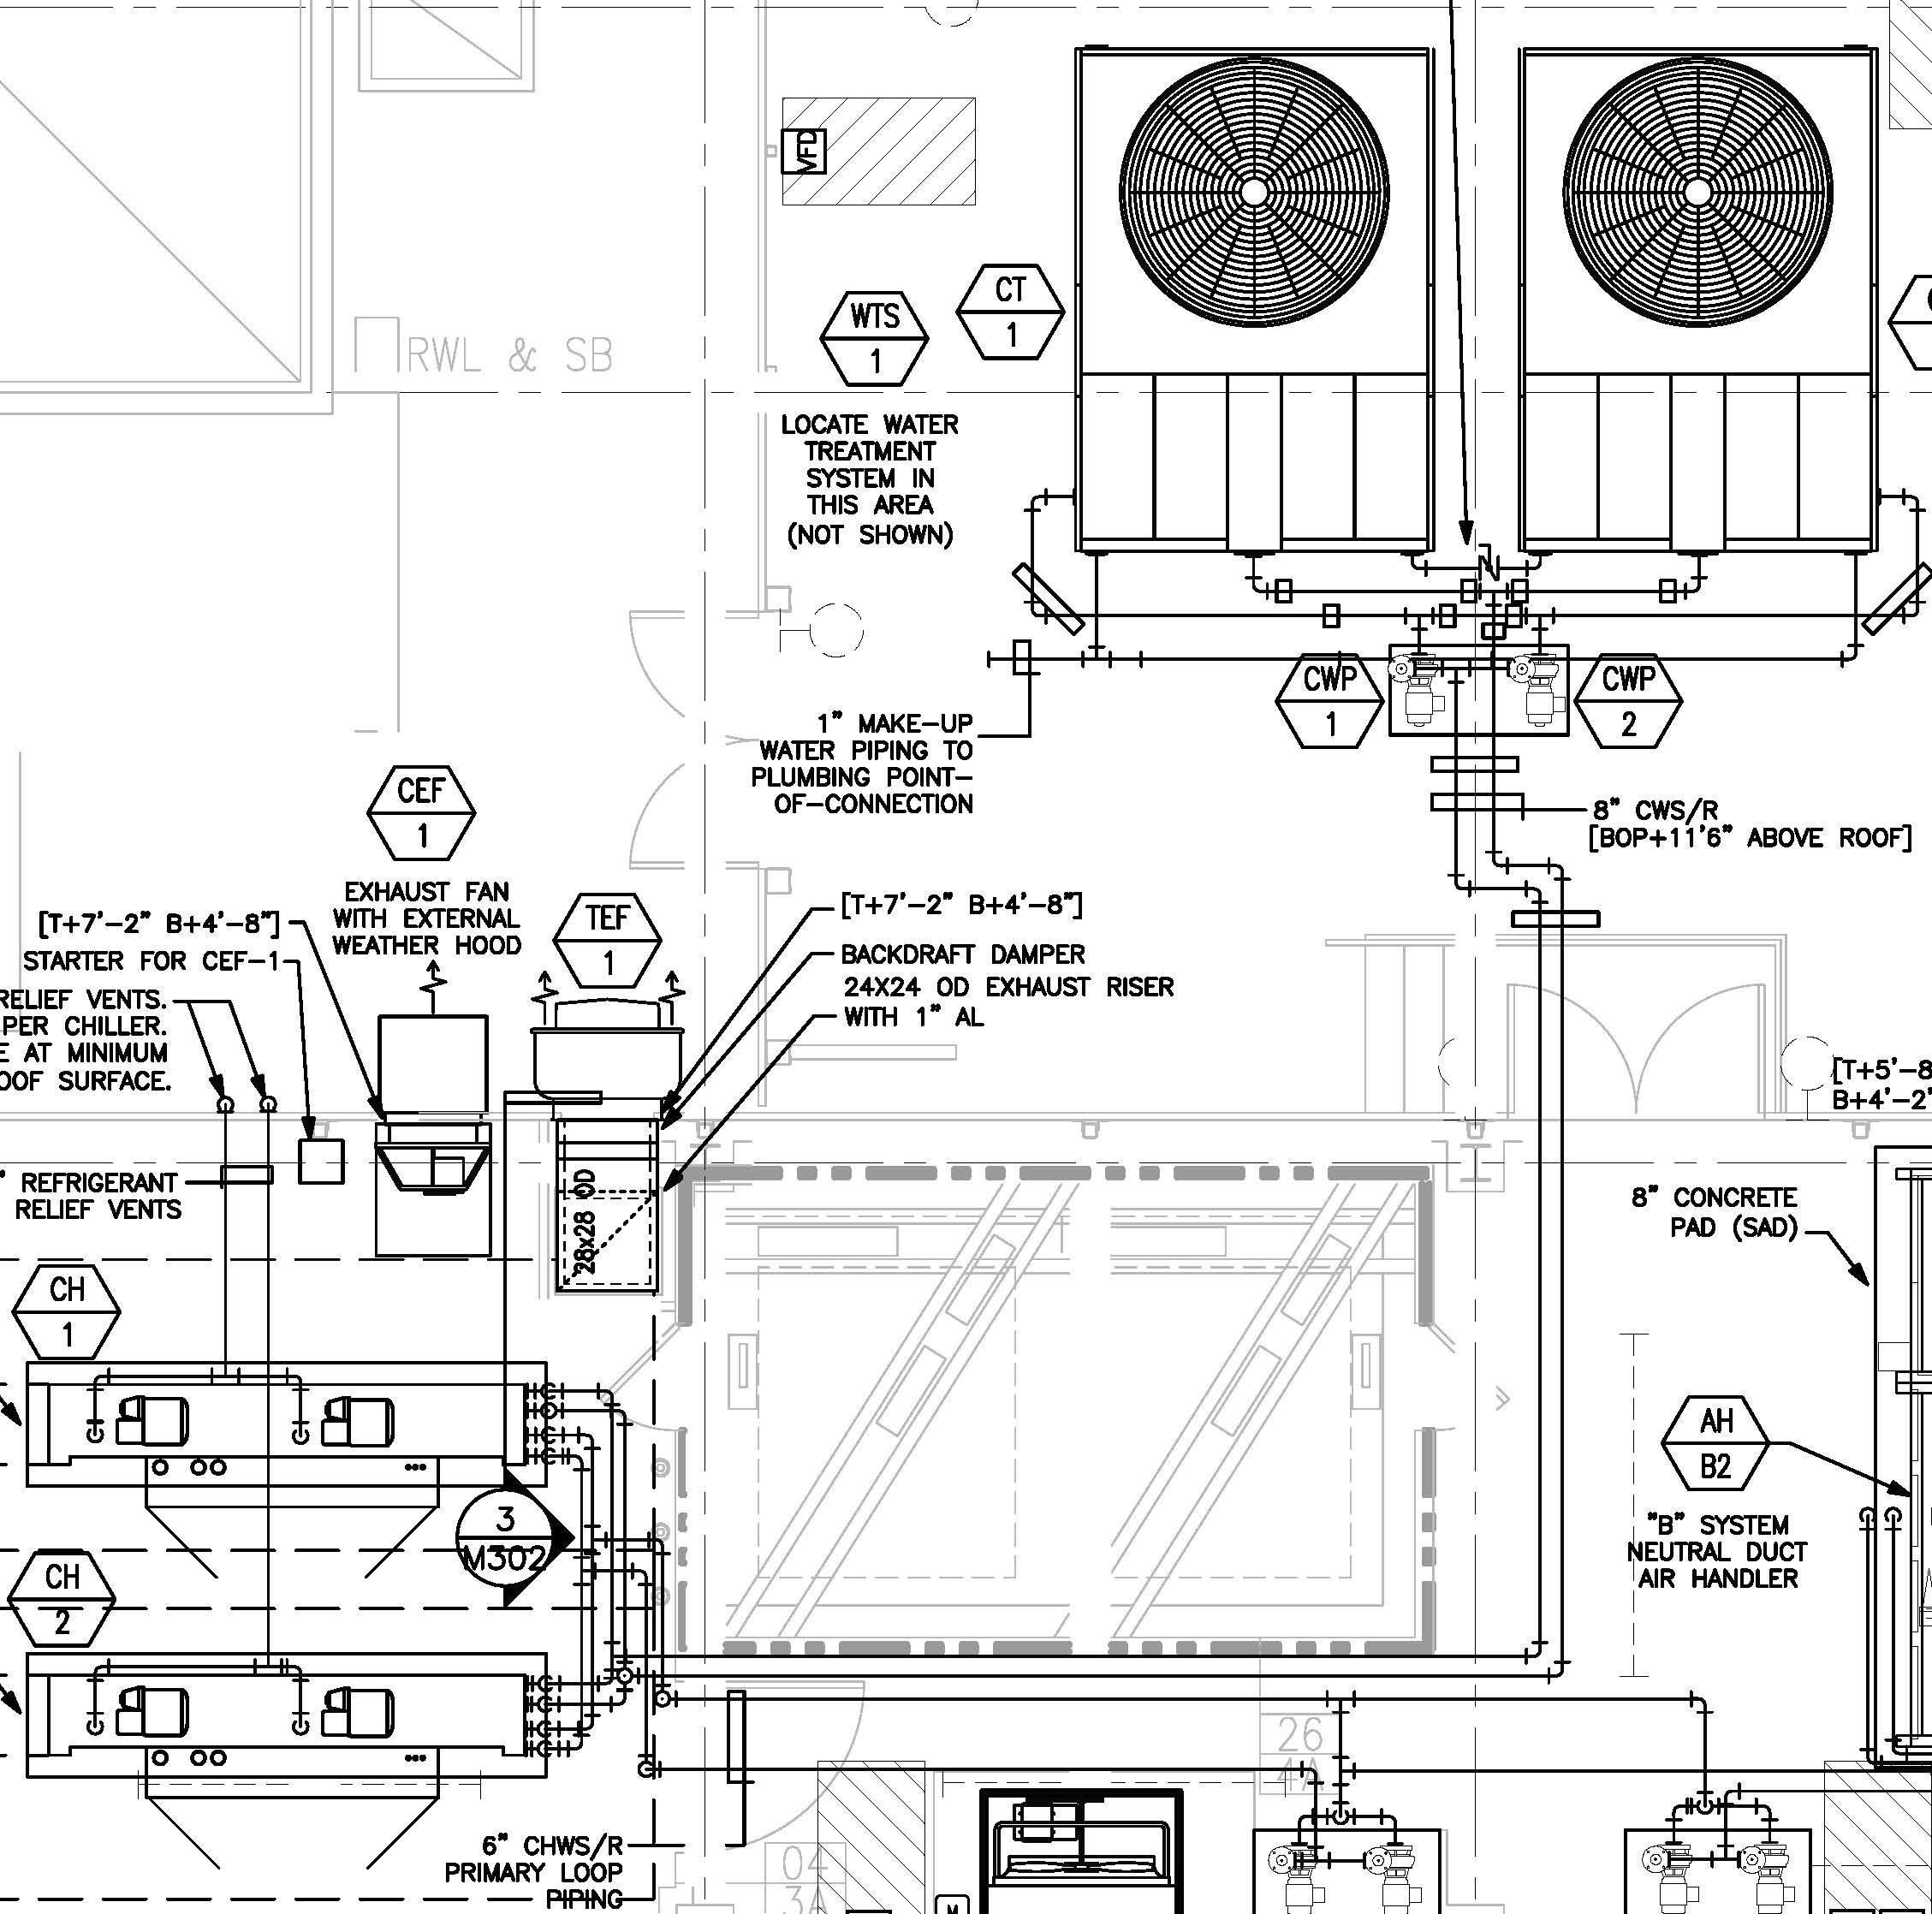 Car Fuse Box Diagram 2000 isuzu Npr Wiring Diagram Reinvent Your Wiring Diagram • Of Car Fuse Box Diagram